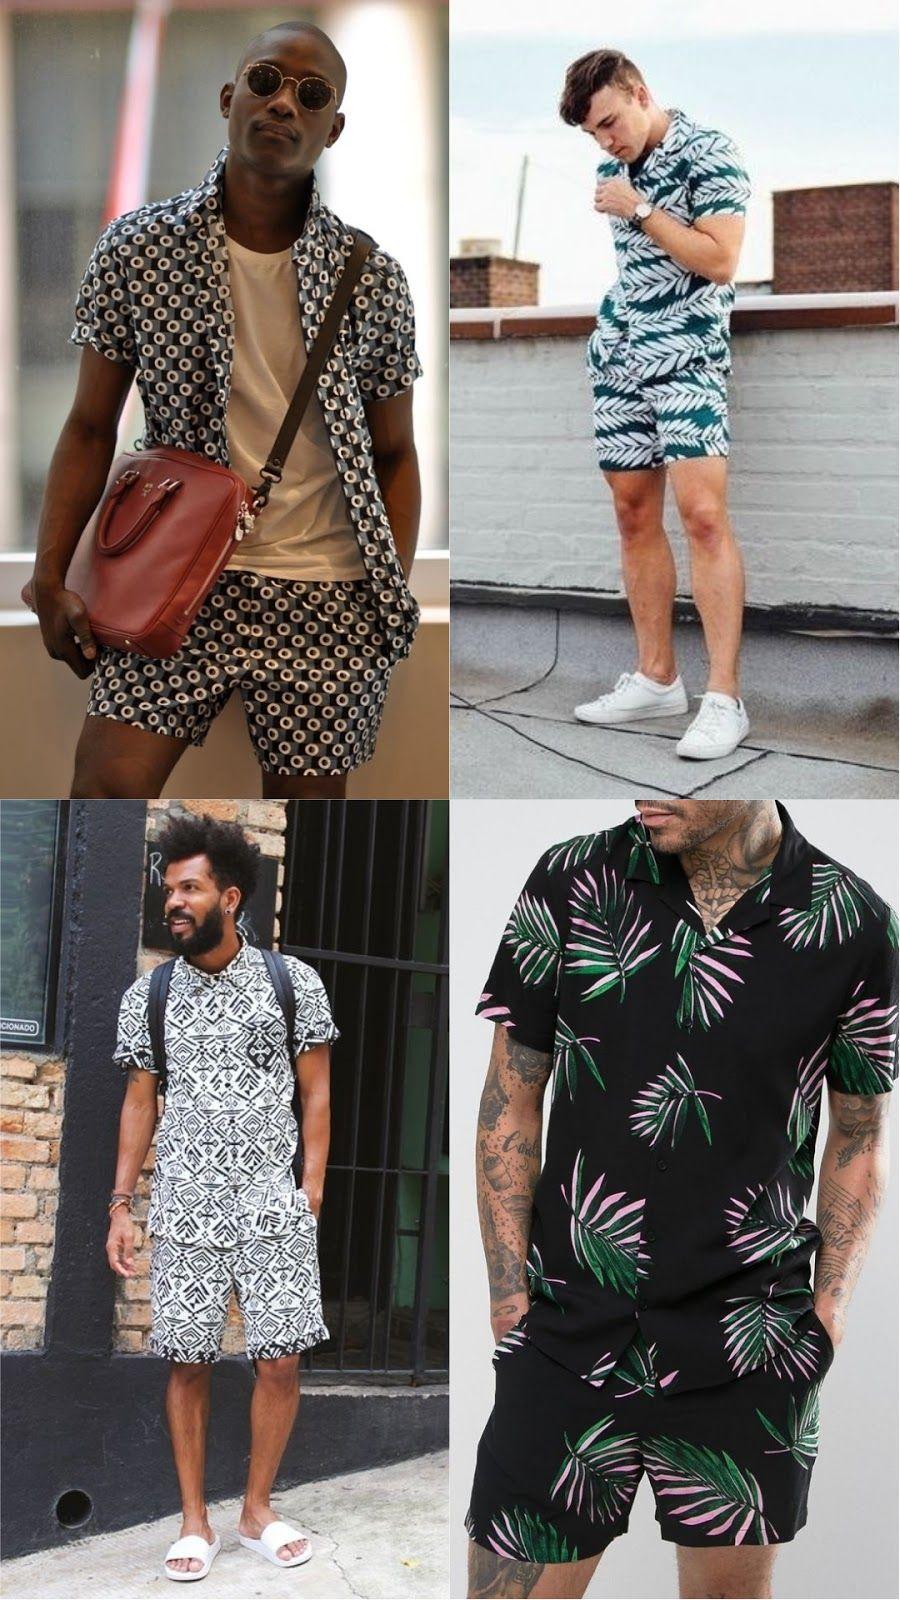 f149c358f88d tendencias -moda-masculina-primavera-verao-2019-blog-tres-chic-conjunto-estampado